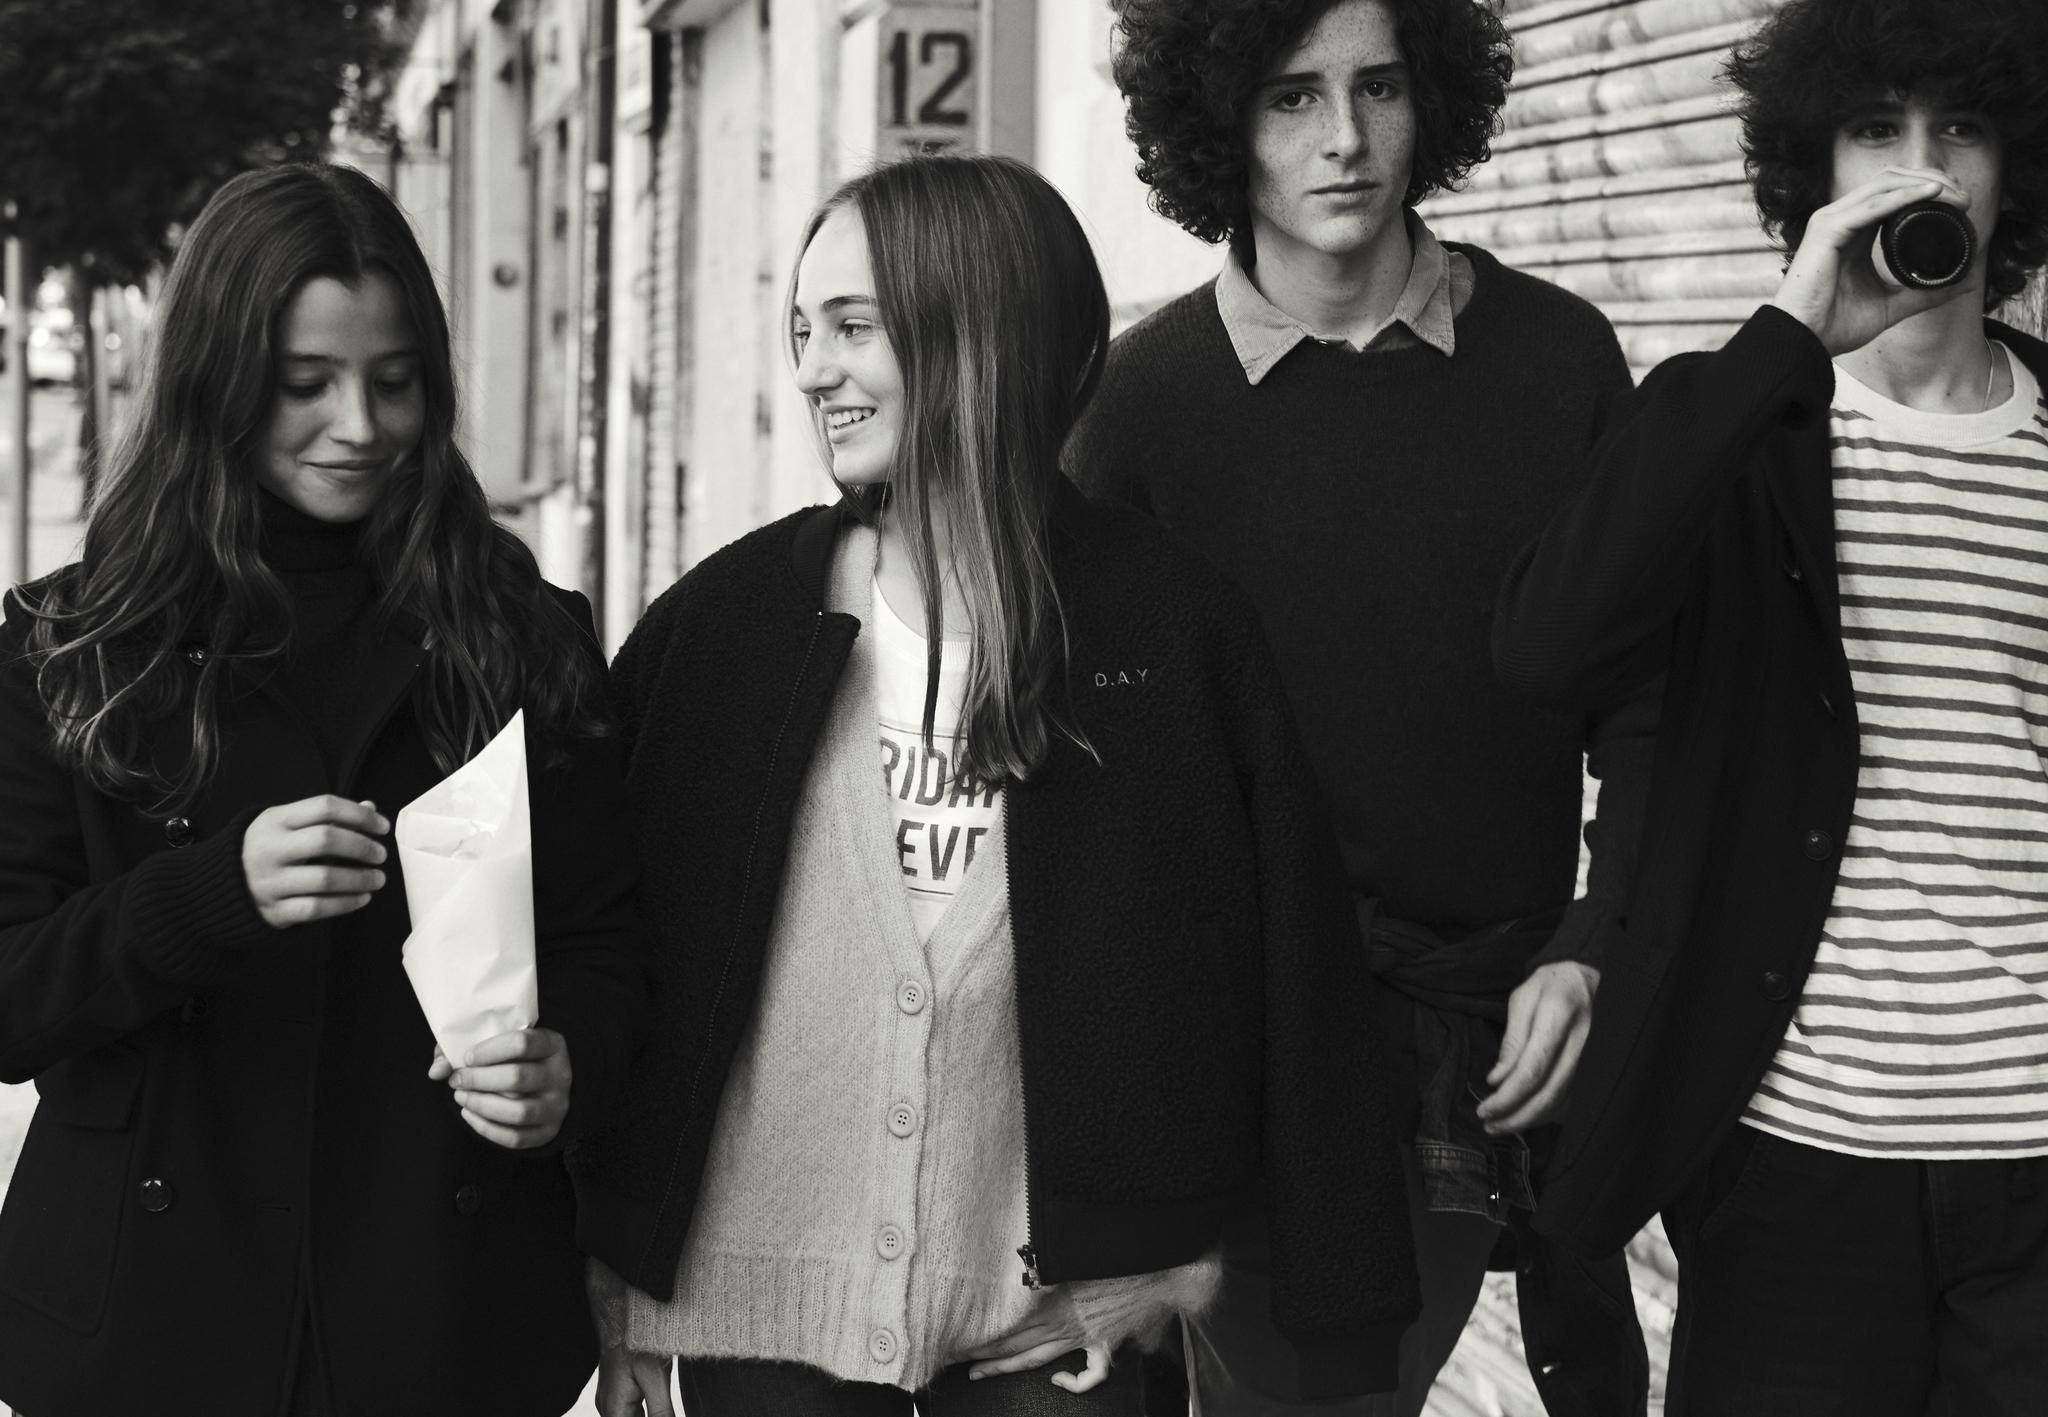 En la adolescencia, son los amigos y referentes externos quienes se convierten en su guía y modelo.